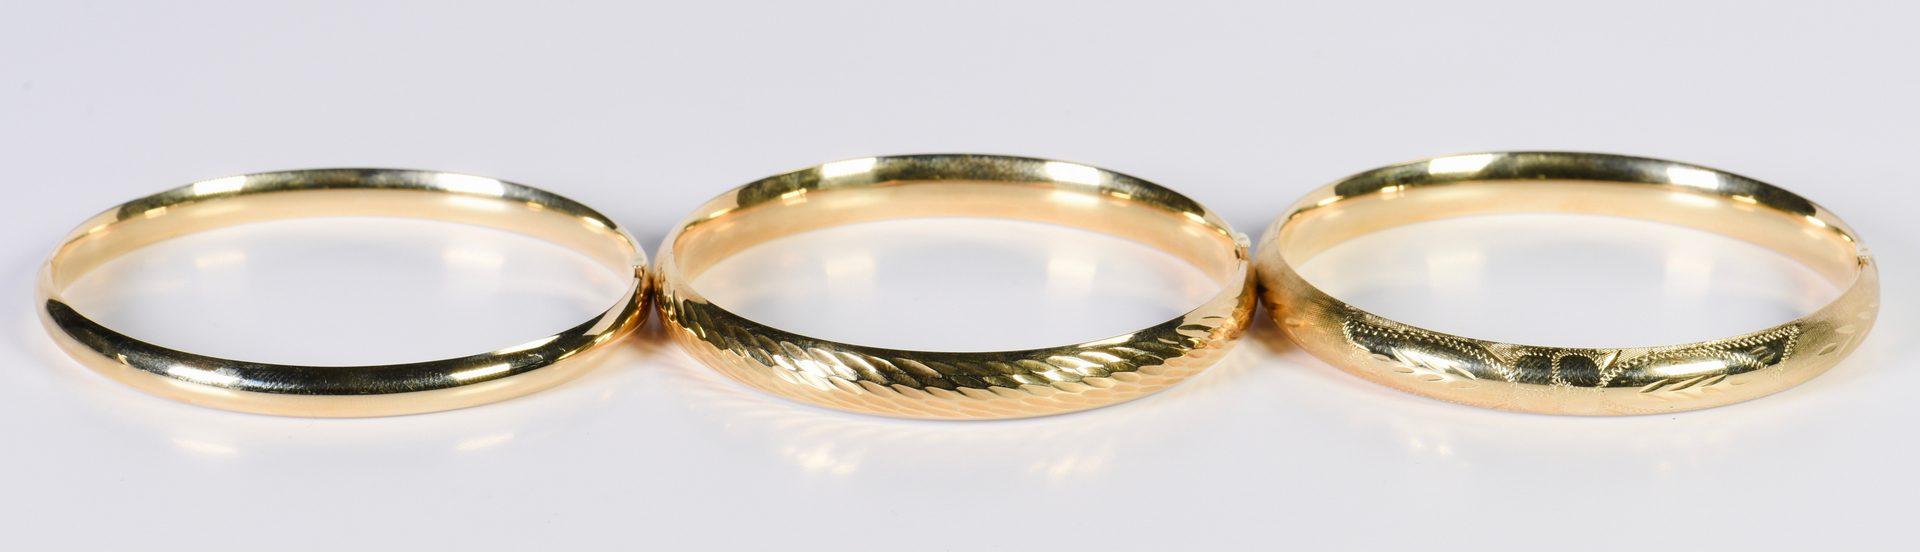 Lot 14: Group of 3 14K Bangle Bracelets